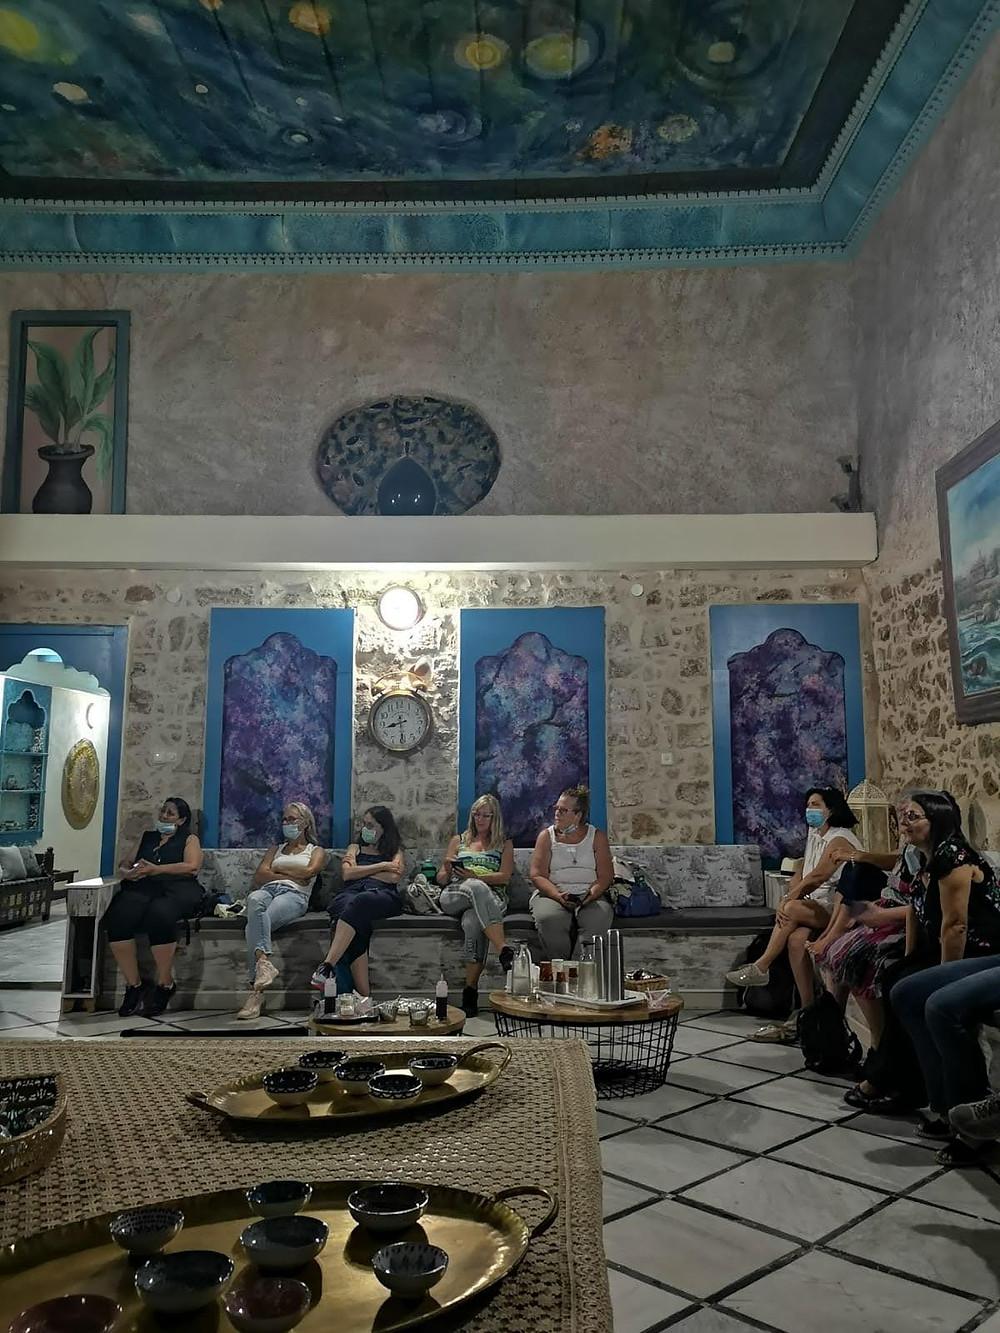 מאירות שביל ישראל בבית היסמין עכו העתיקה